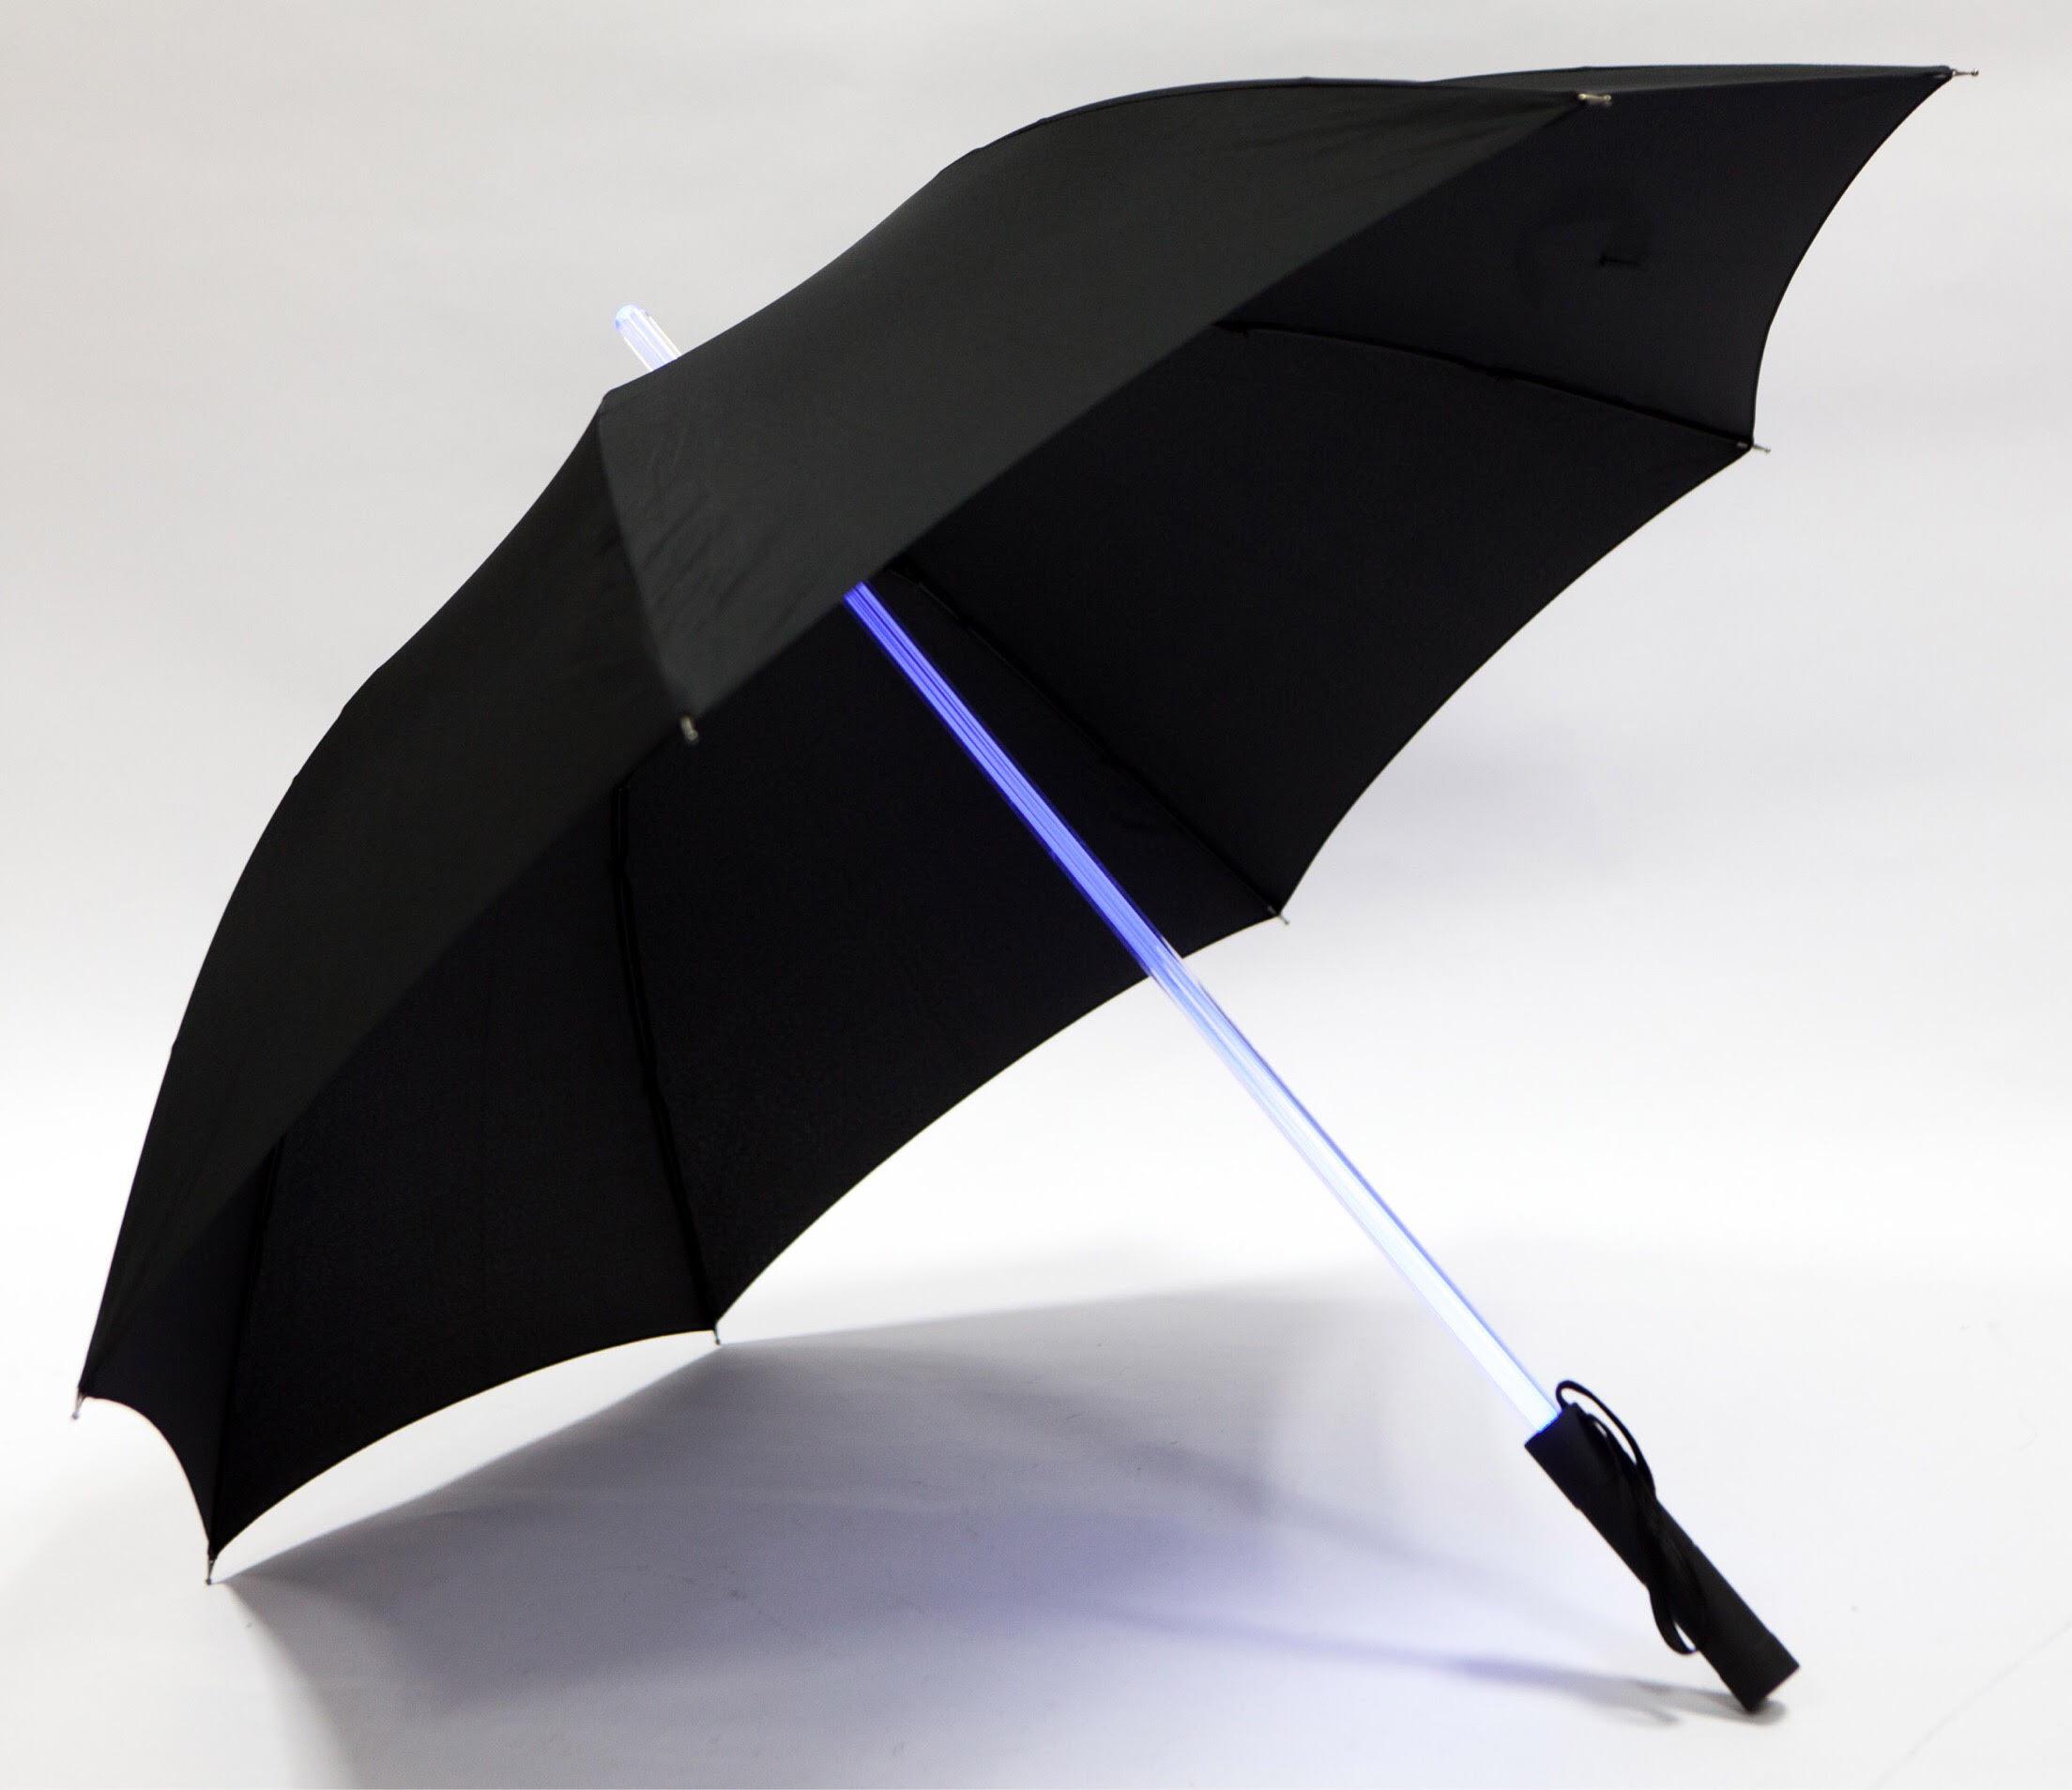 מטריה  23 אינץ' עם תאורה